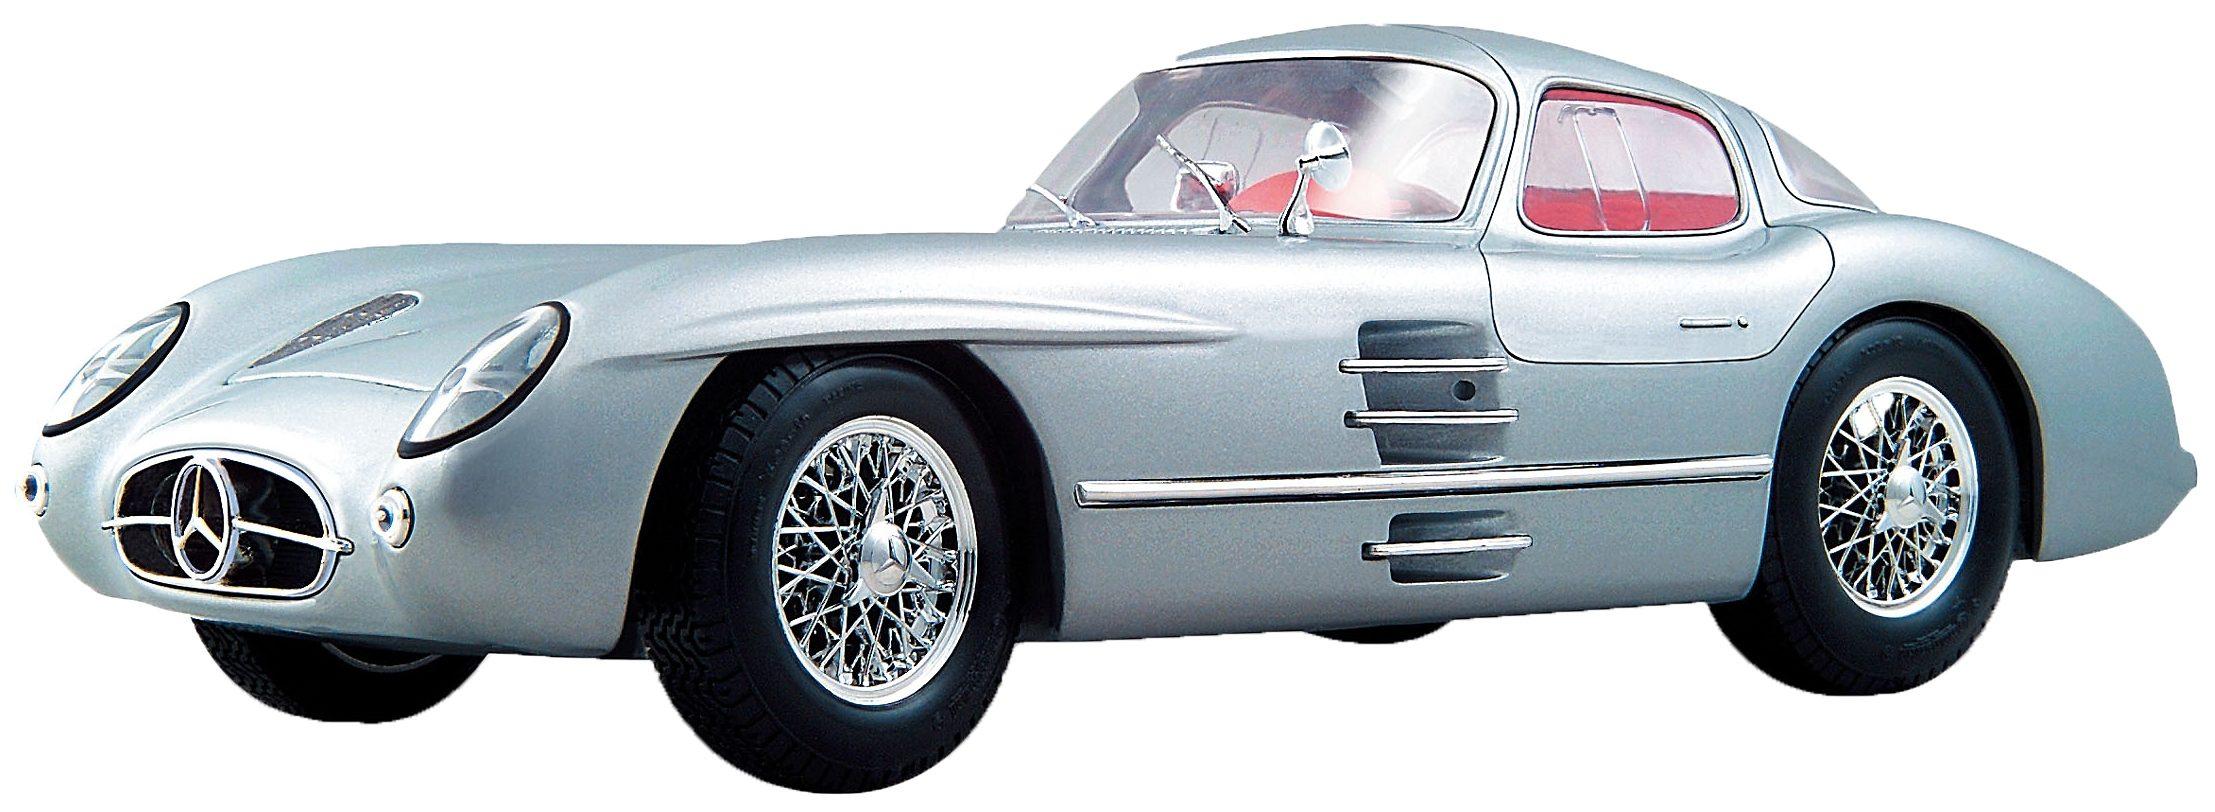 Maisto® Sammlerauto, 1:18, »Mercedes 300SLR Coupe Uhlenhaut«